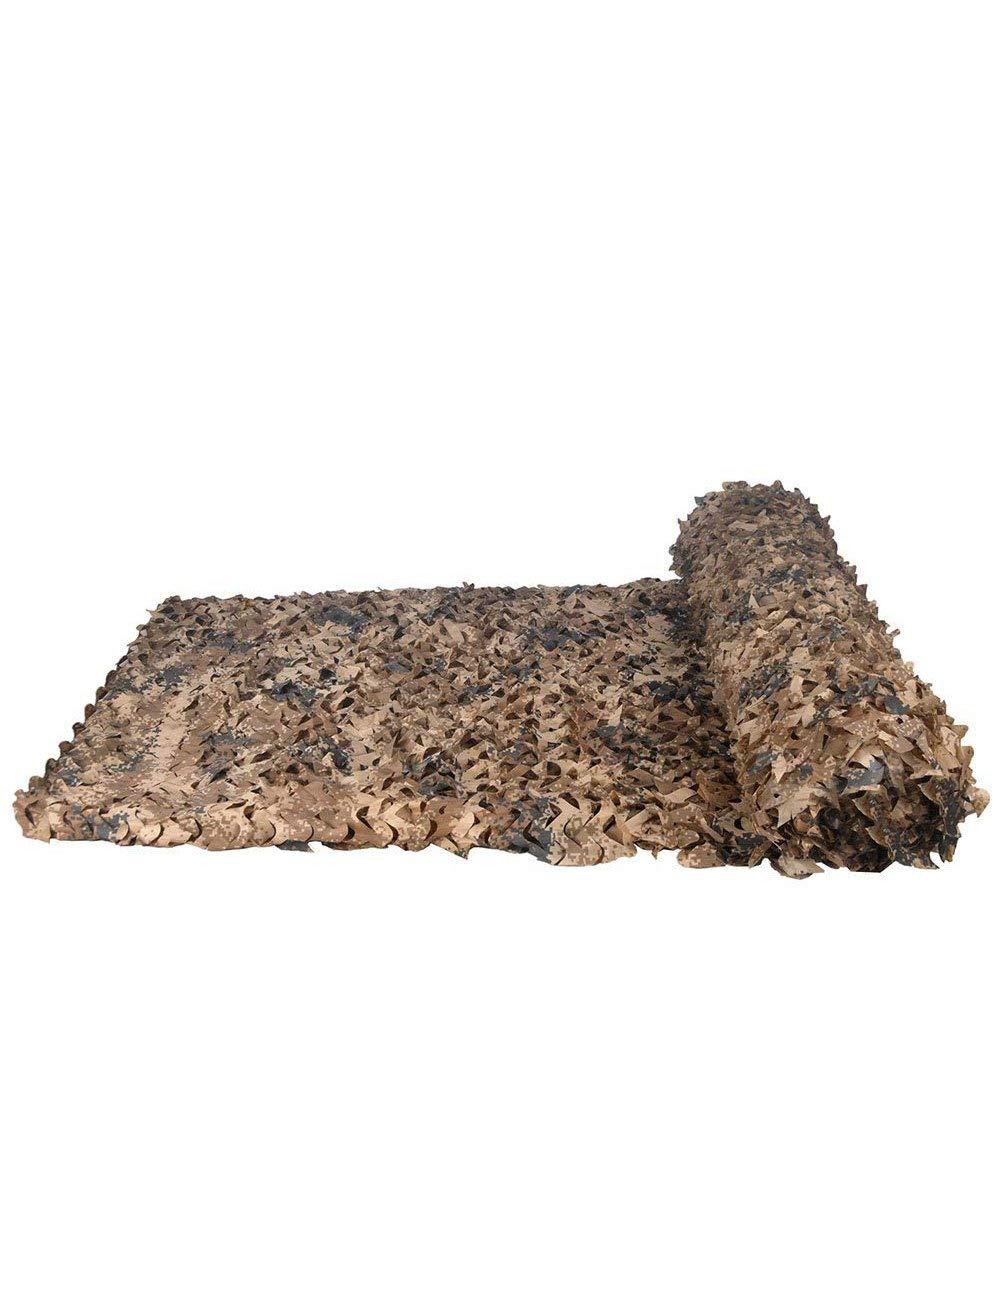 Woodland Camouflage Net Net Net Prossoezione Solare Rete da Caccia Camo Net Campeggio Nascondere Camo Militare per Bambini Tenda Auto-Covering (Coloreee   Desert Digital, Dimensioni   4m×5m) B07L7QY2H5 4m×5m Desert Digital   Moderno Ed Elegante Nella Moda  da1822